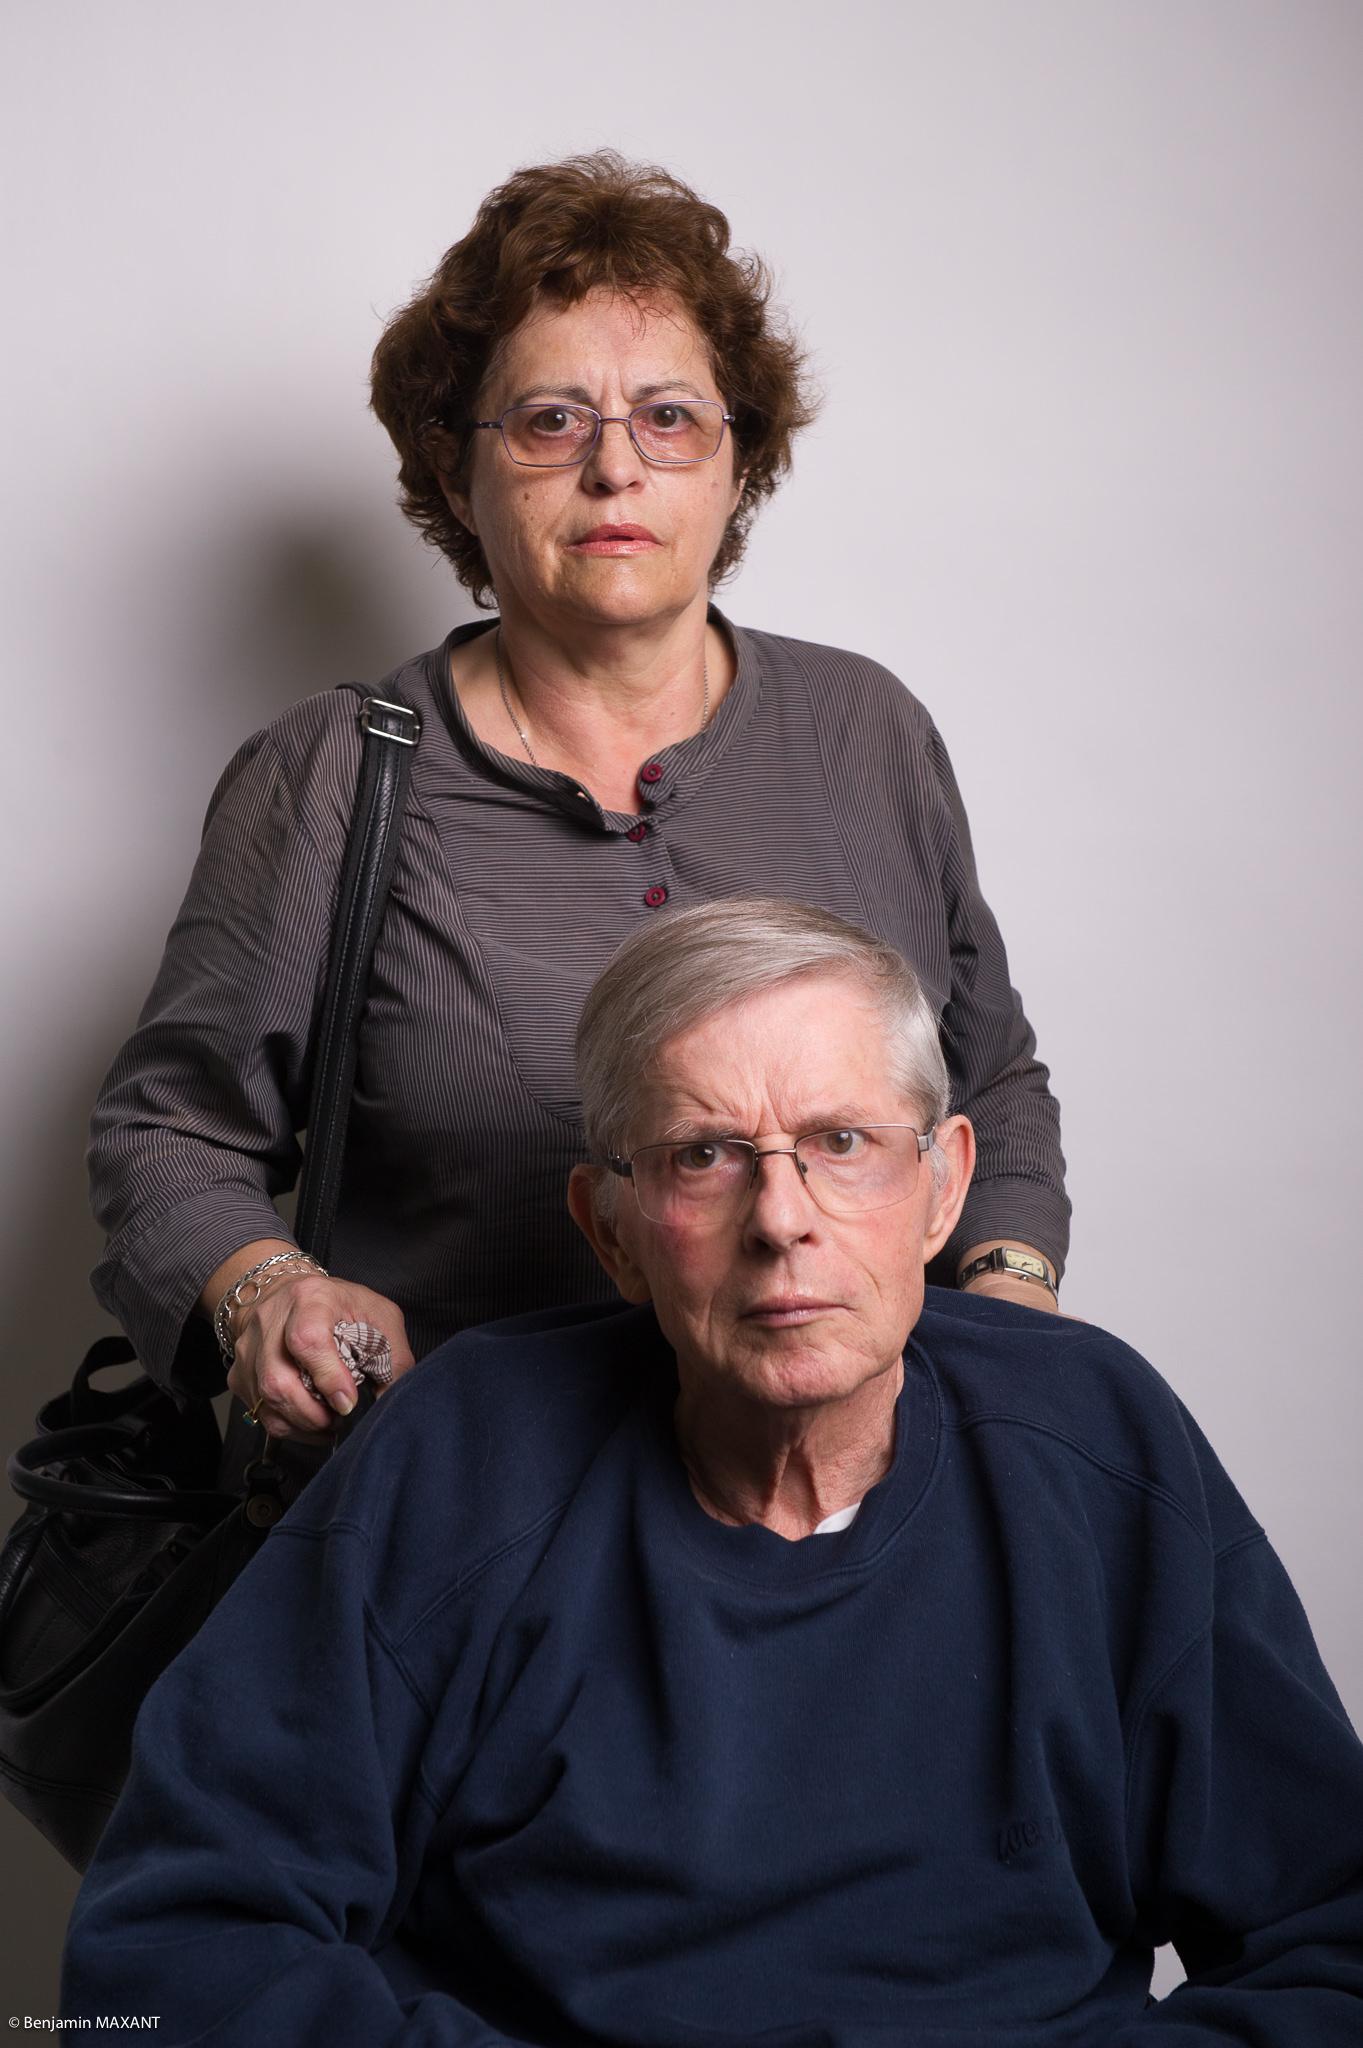 Portrait studio d'une personne âgée - fille et père